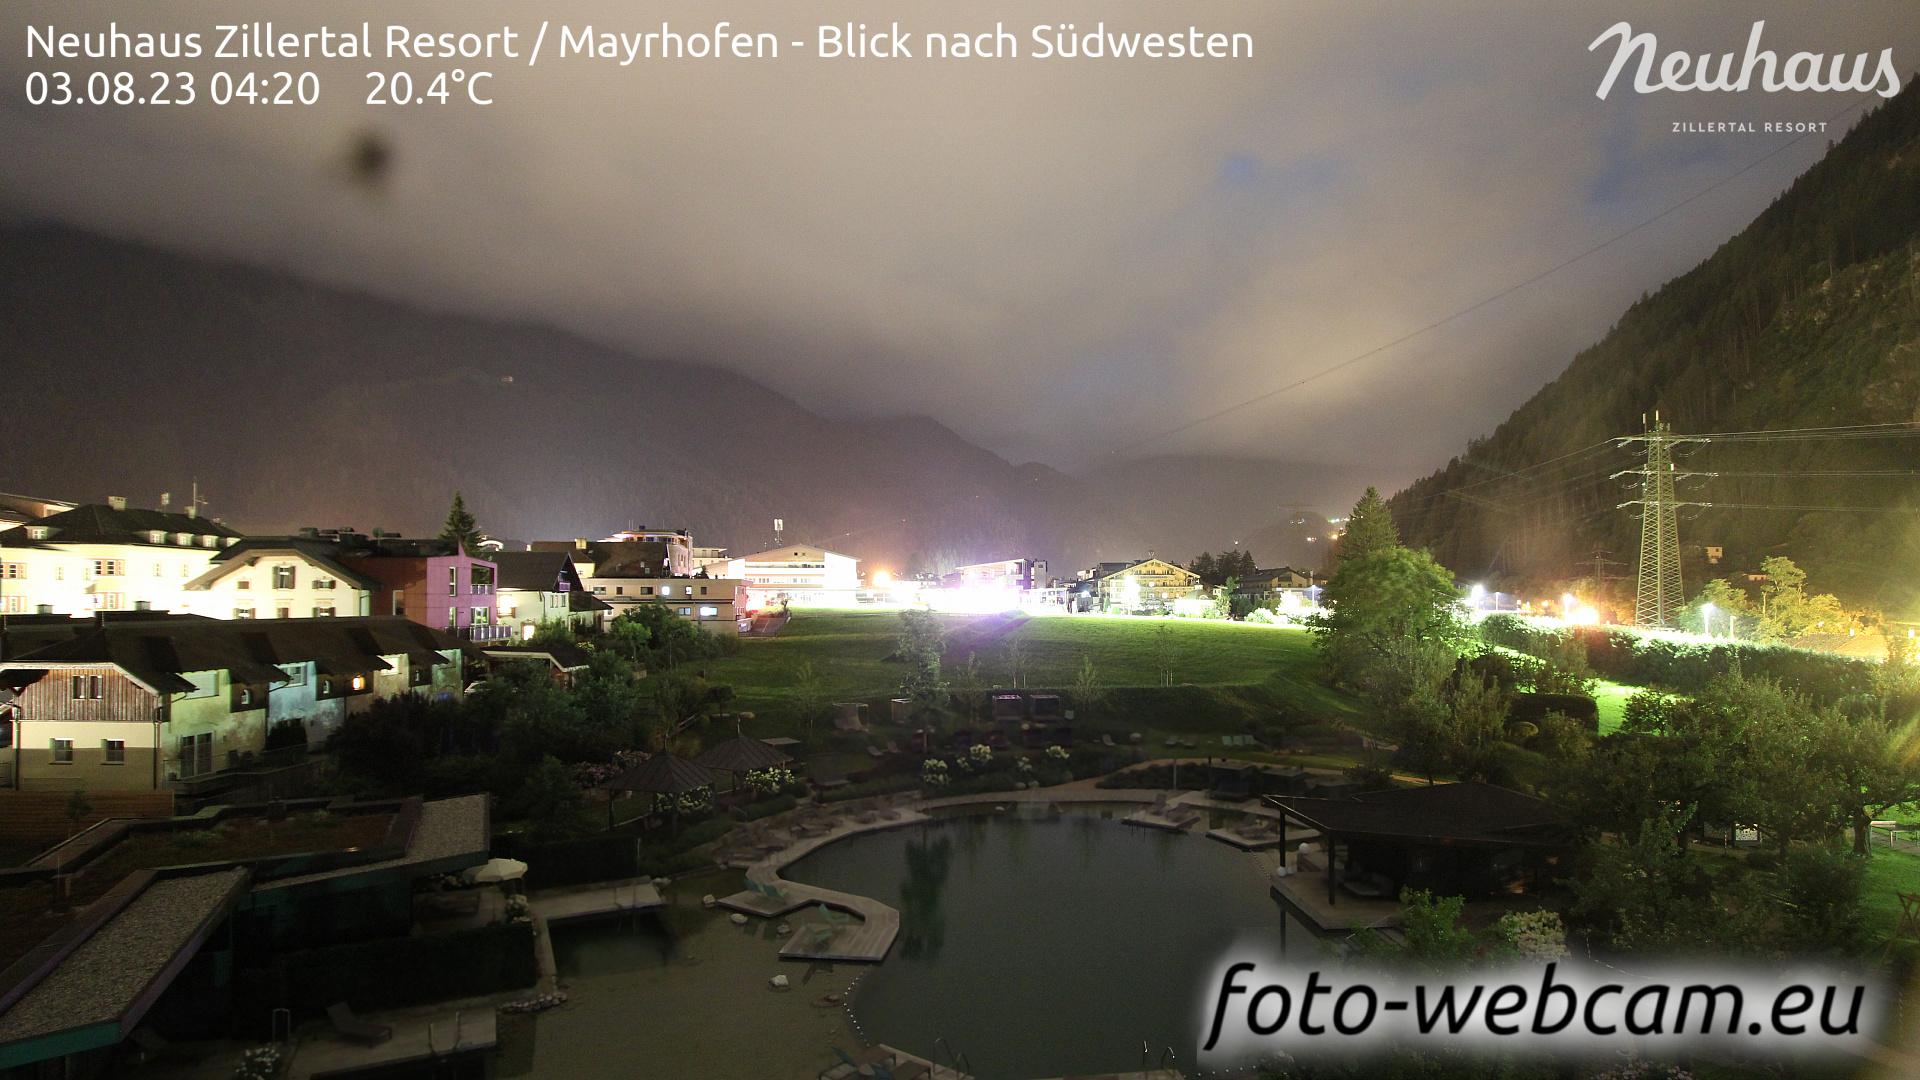 Mayrhofen Mon. 04:33